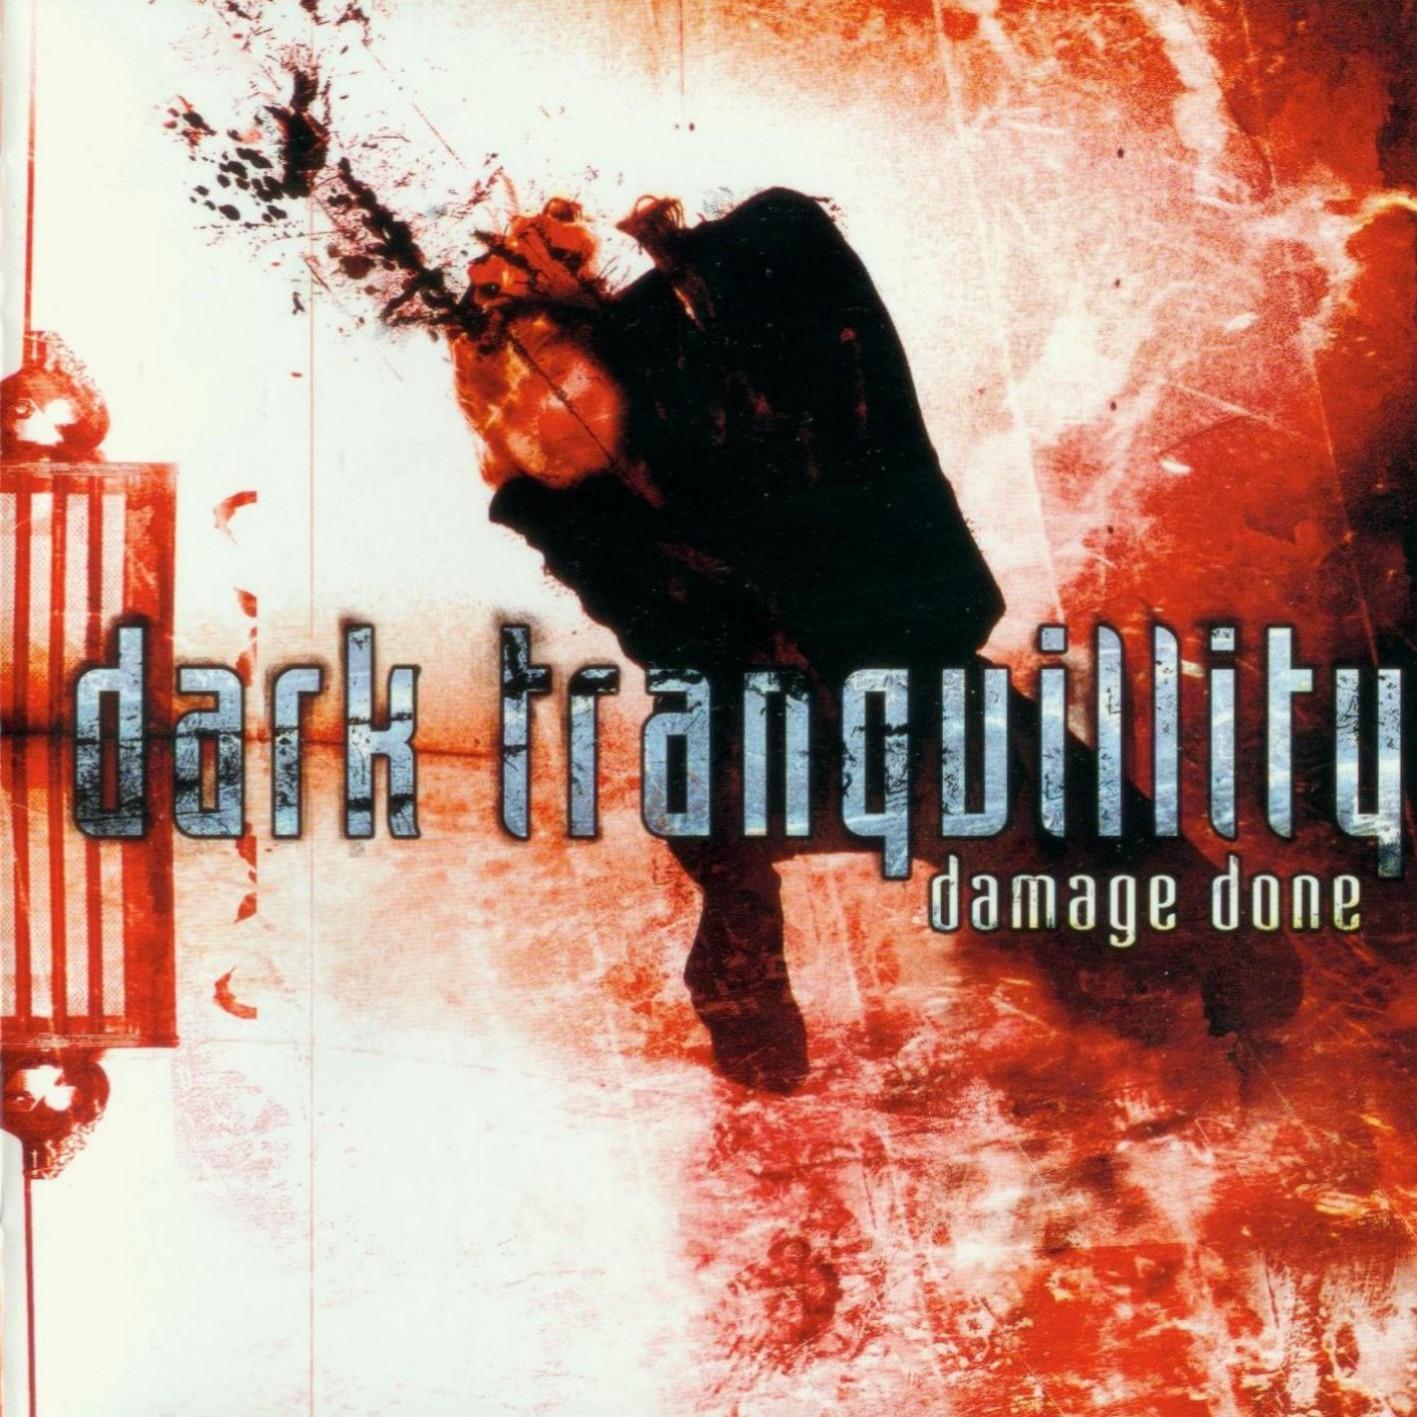 dark tranquillity damage